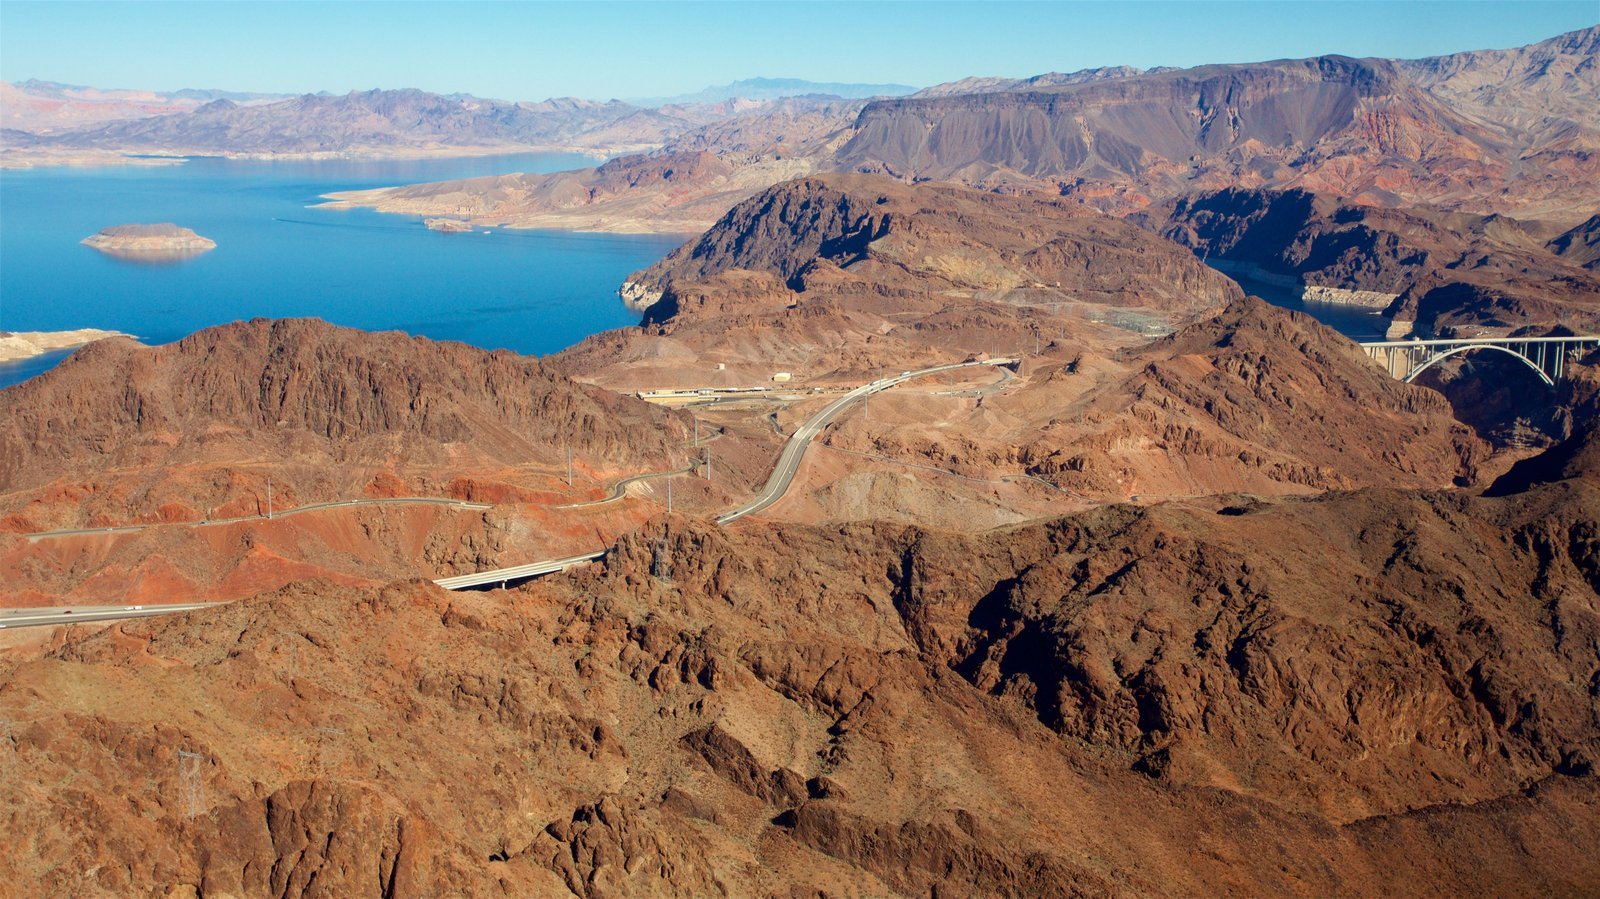 Grand Canyon ofreciendo escenas tranquilas, un barranco o cañón y vistas de paisajes